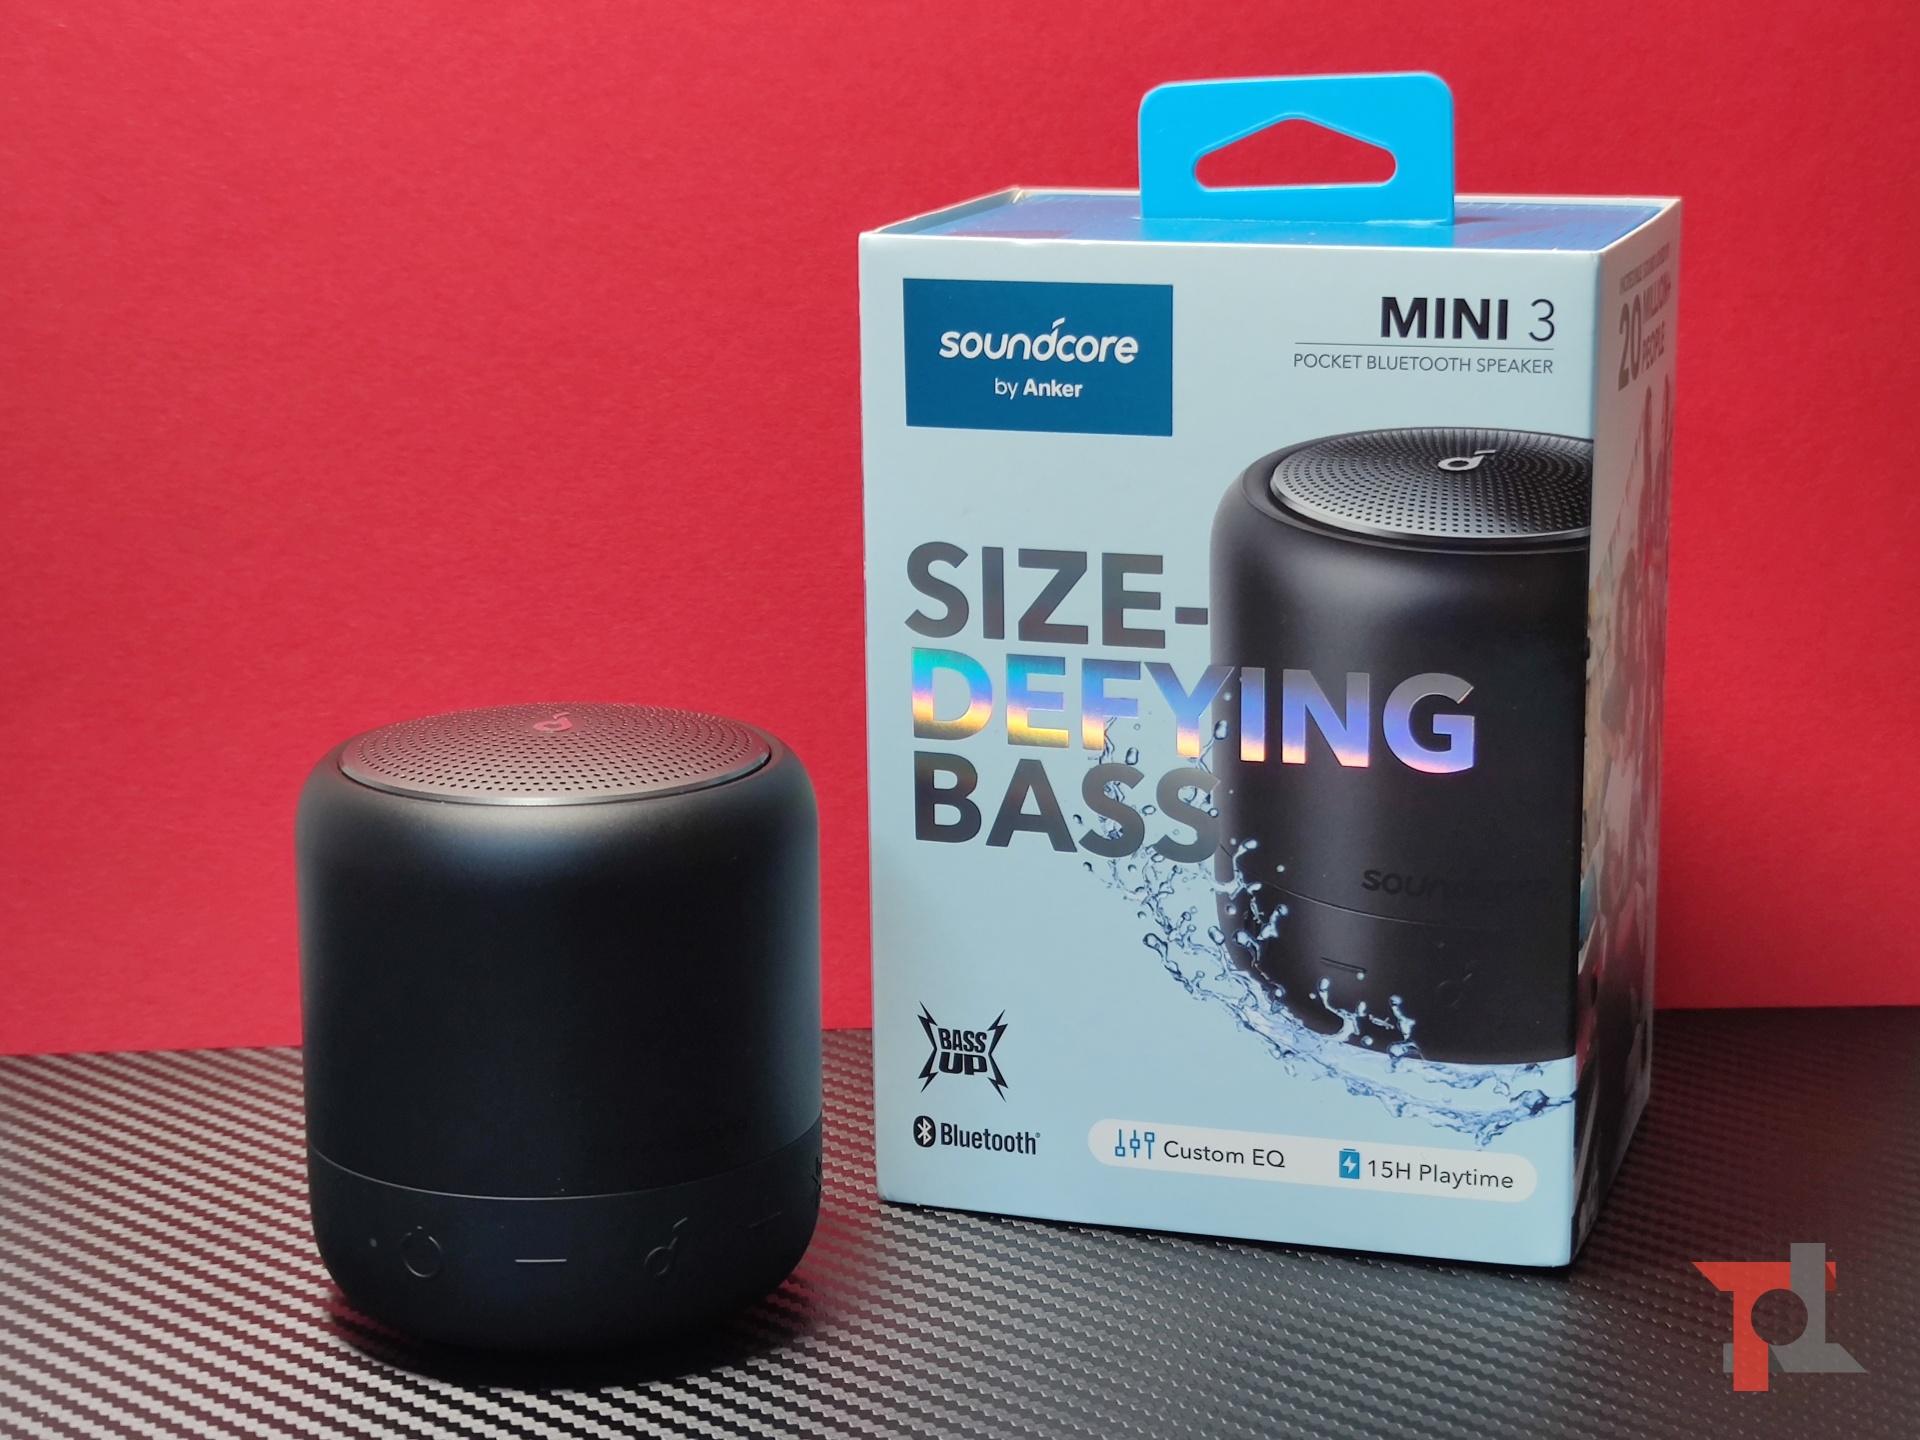 Recensione Soundcore Mini 3, piccolo speaker tuttofare che non teme l'acqua